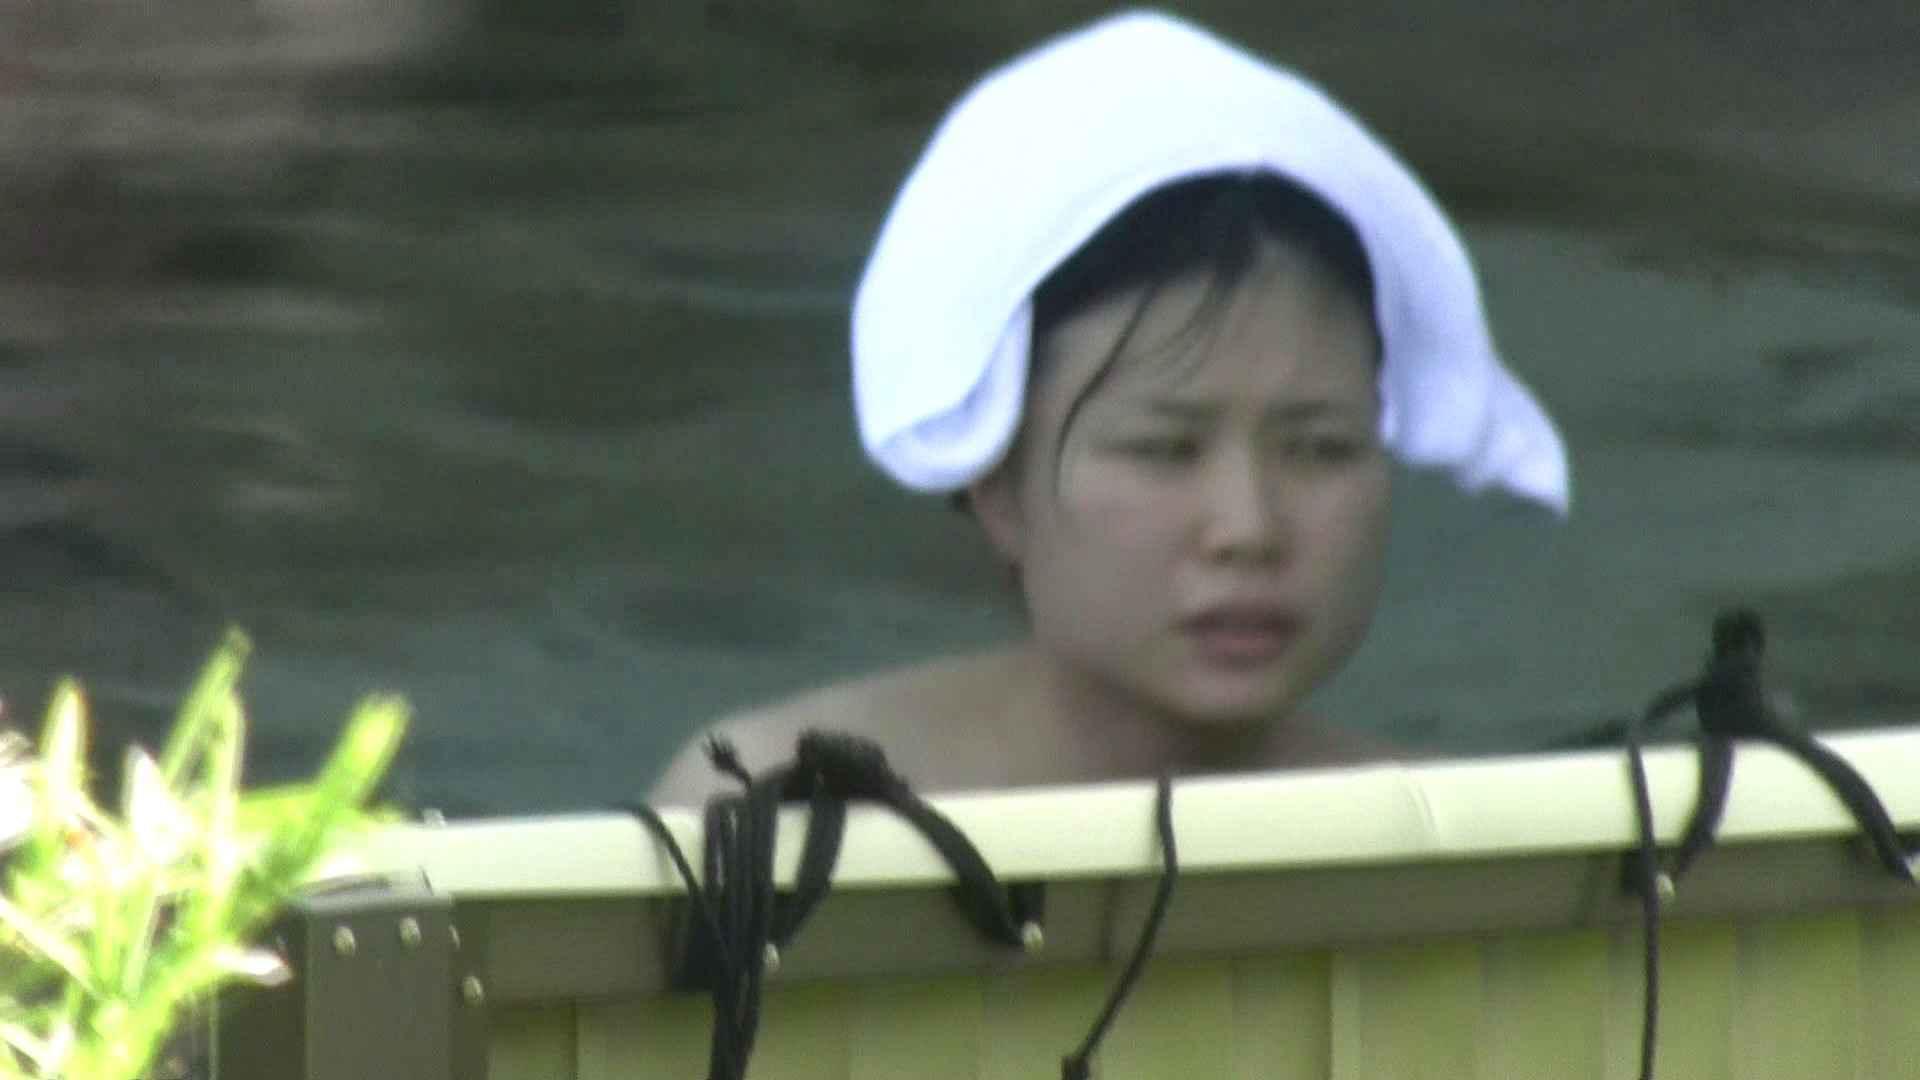 Aquaな露天風呂Vol.183 美しいOLの裸体  105pic 27